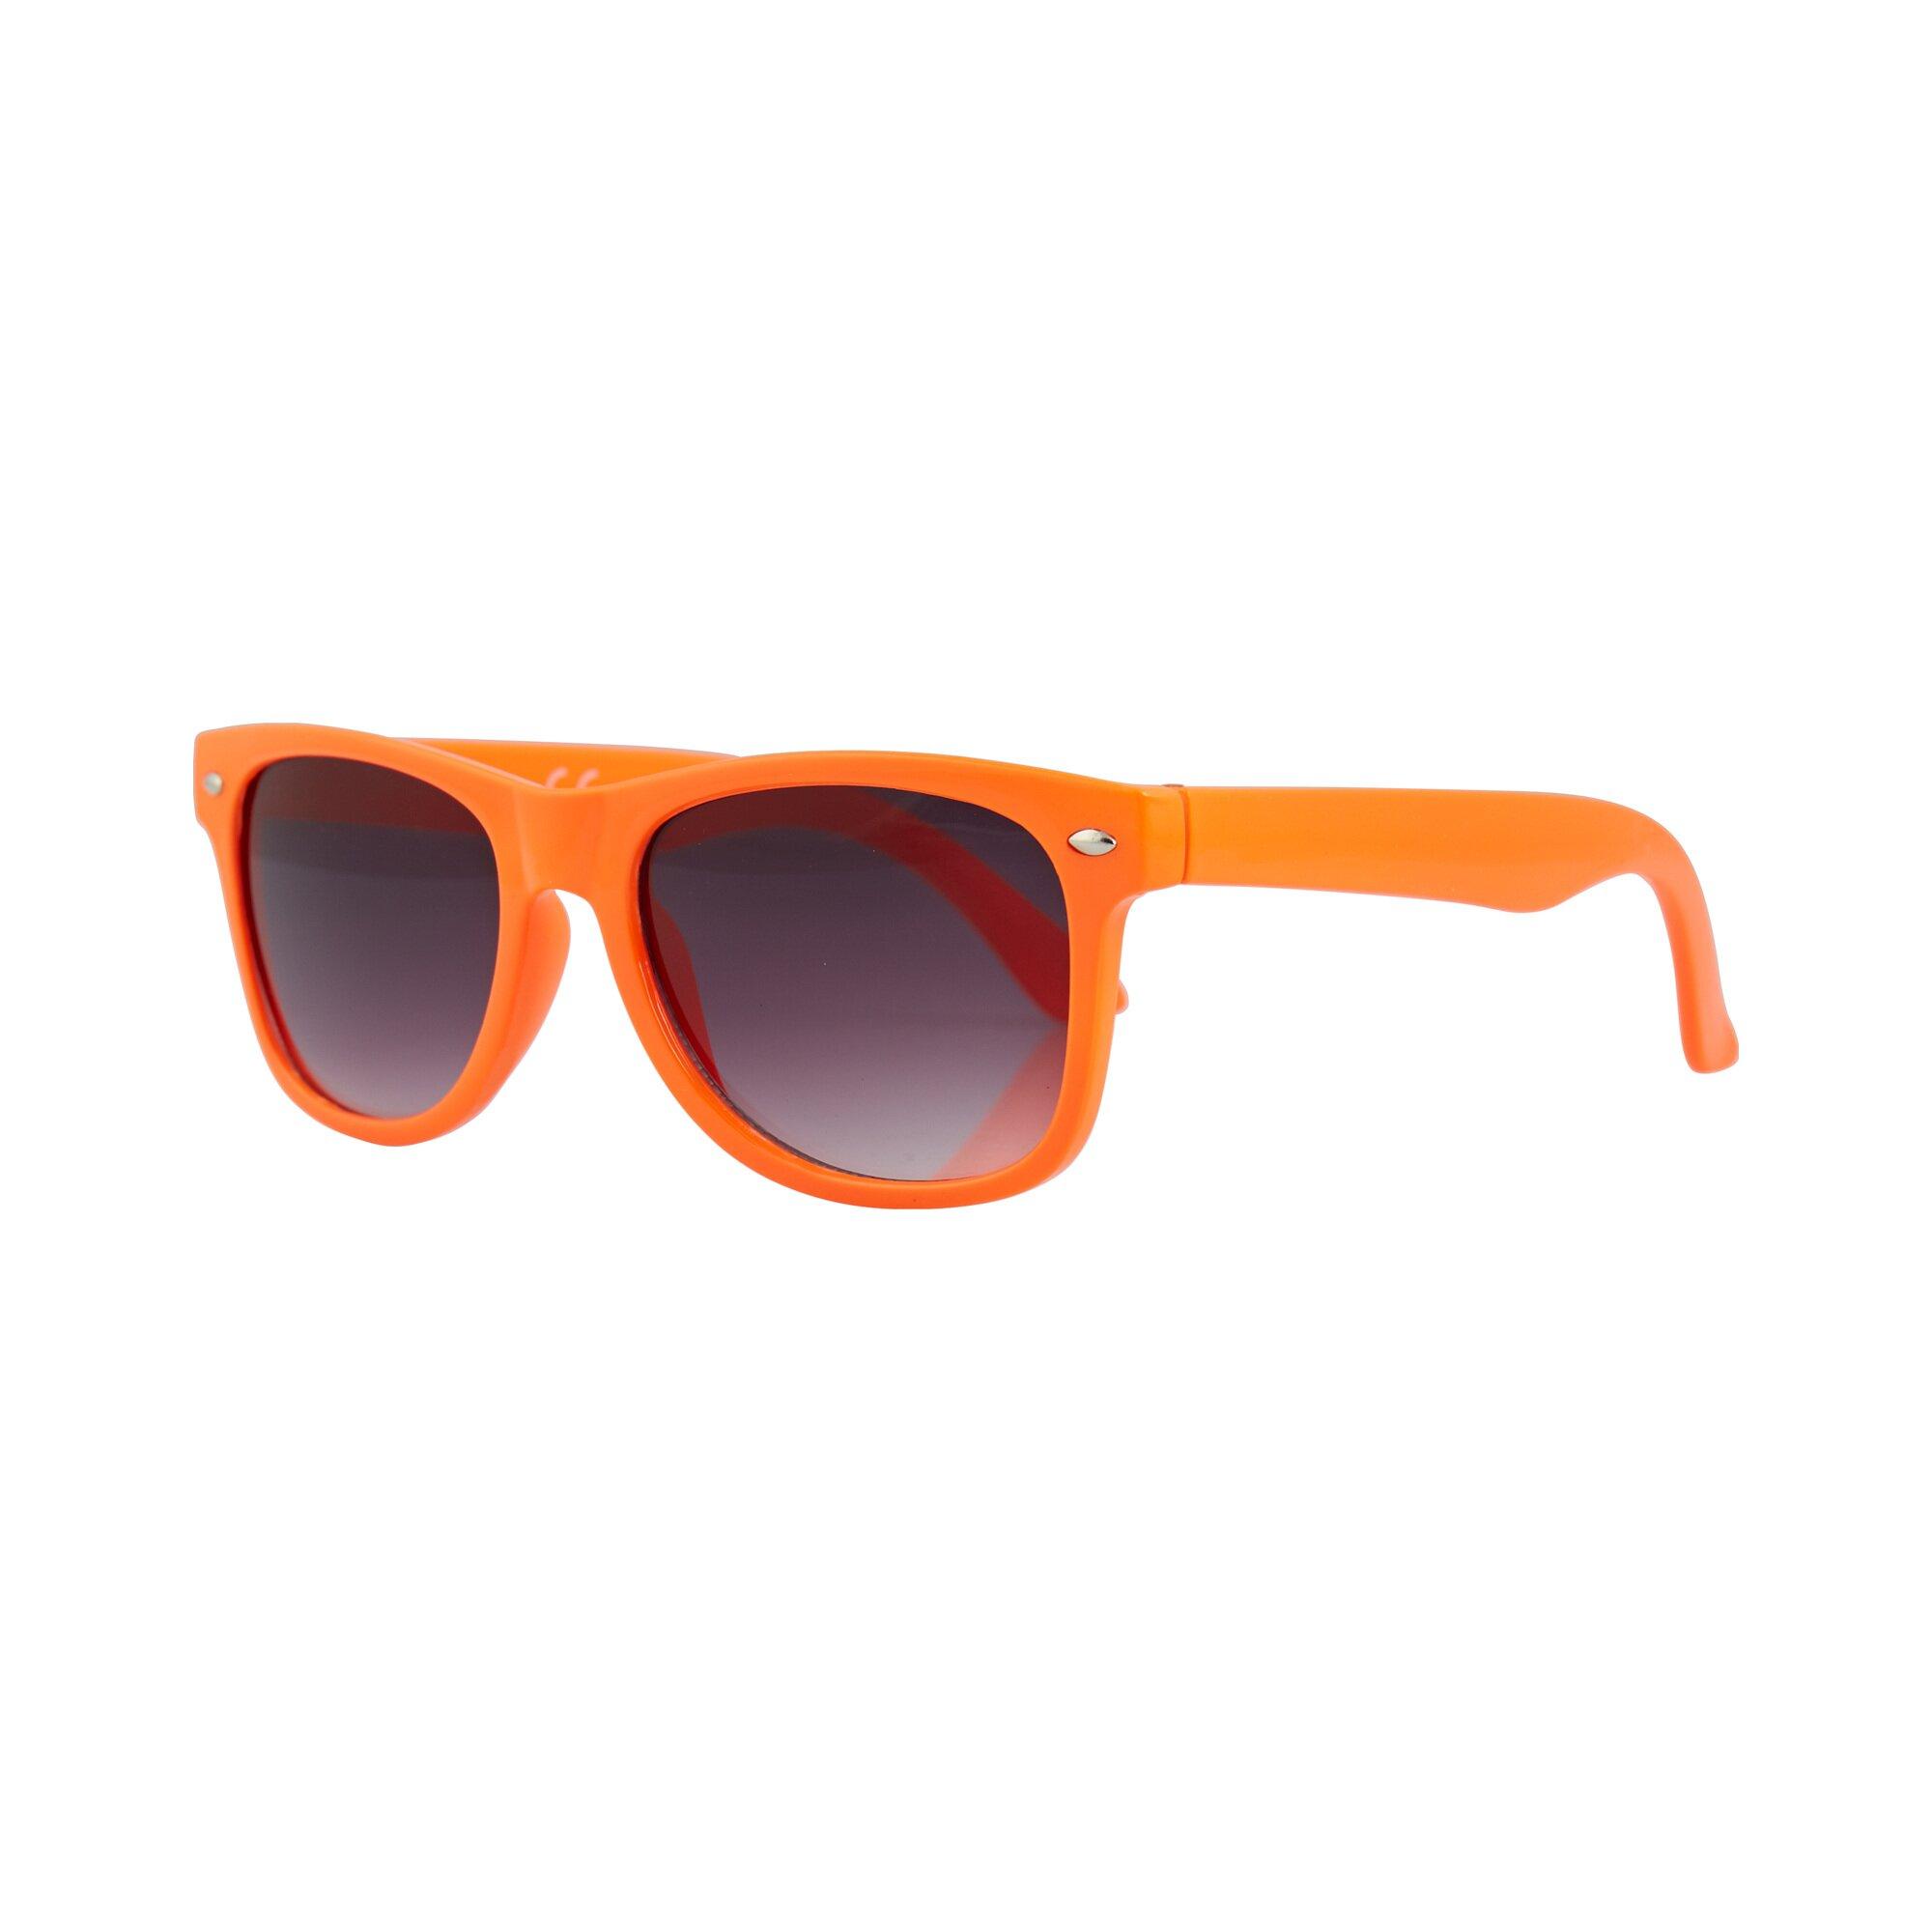 Inca Accessoires Kids-Sonnenbrille